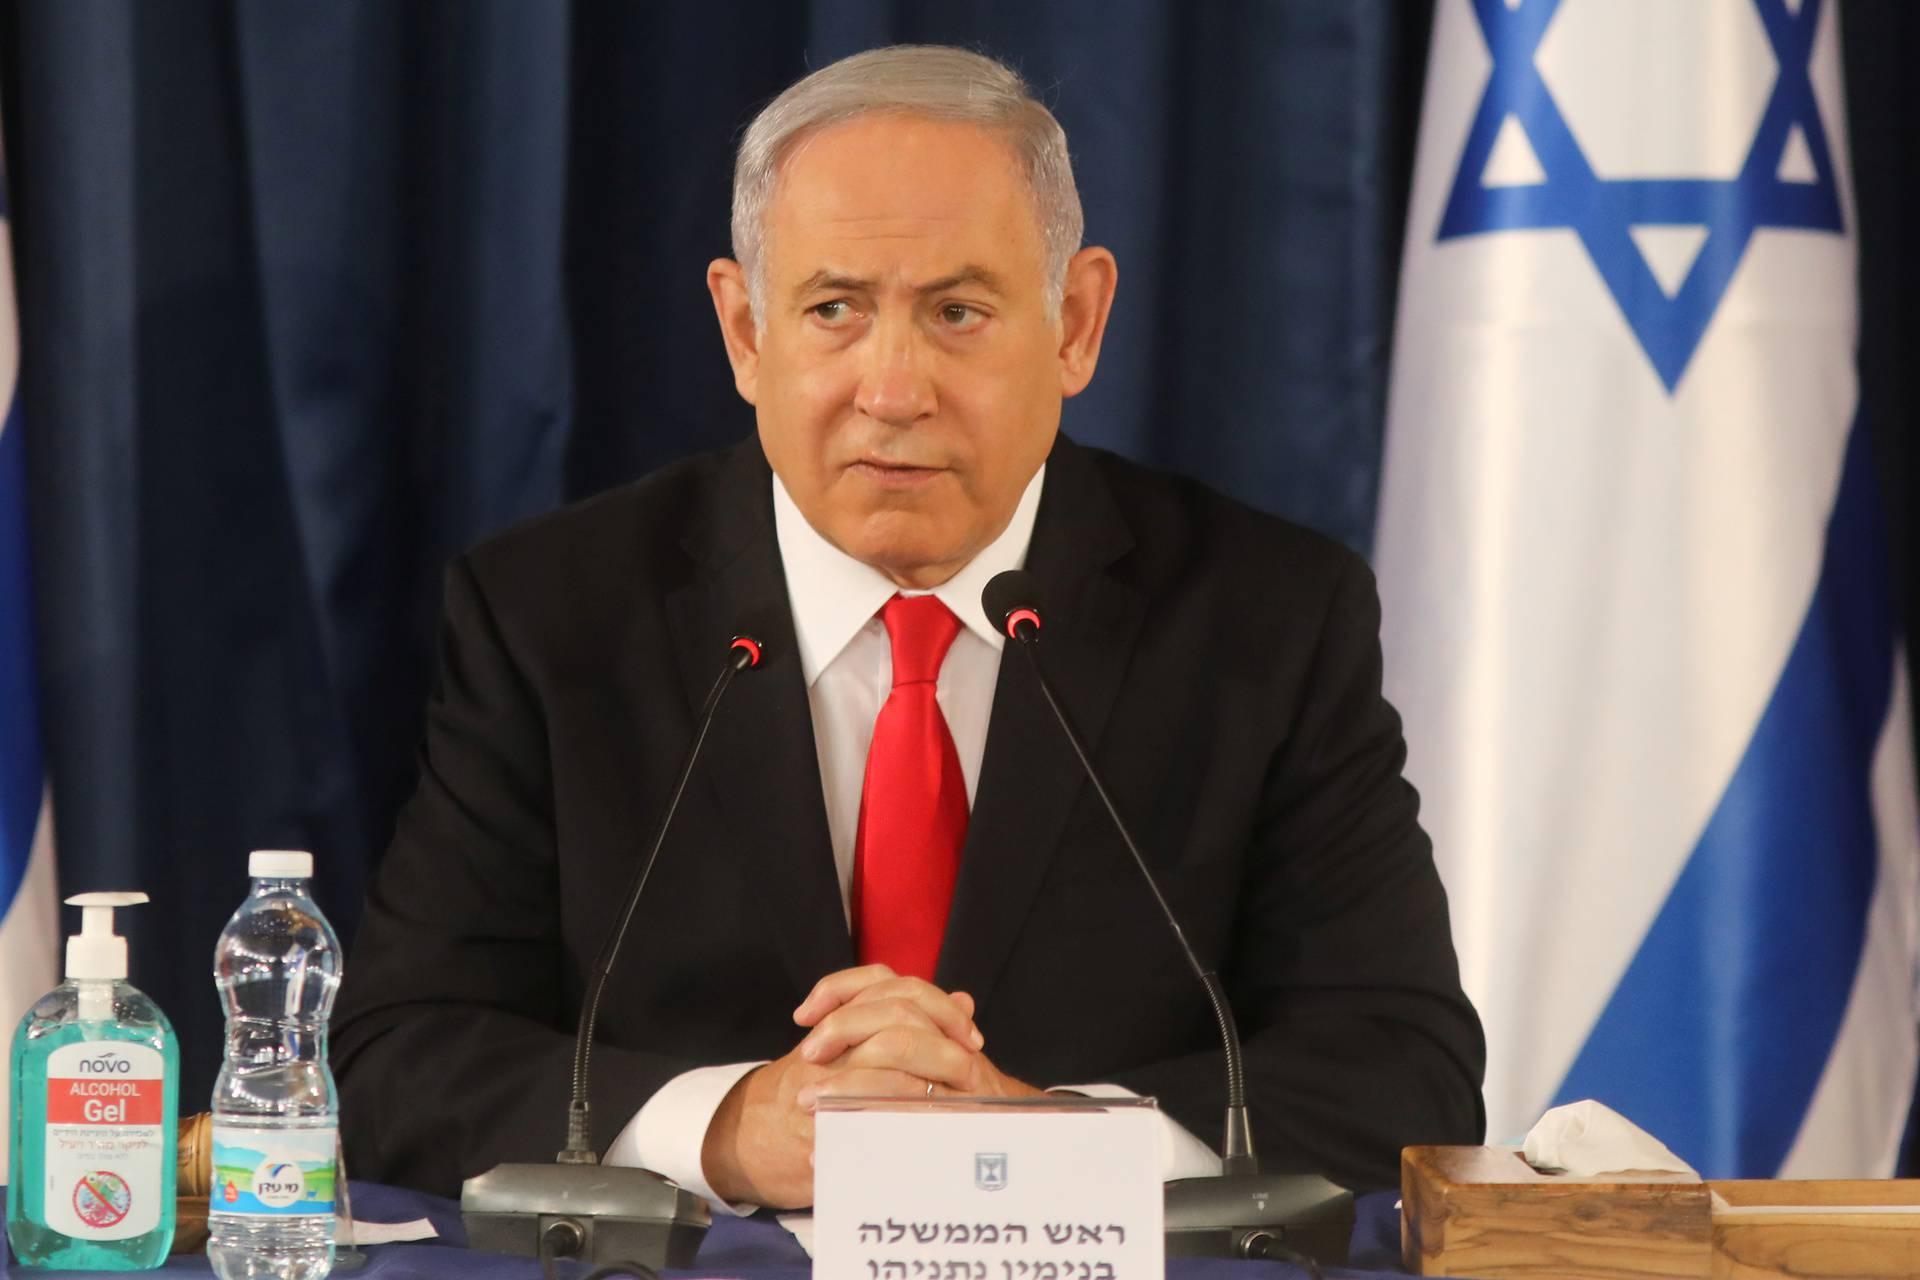 Netanyahu: Ubojstvo Palestinca je tragedija, svi dijelimo tugu